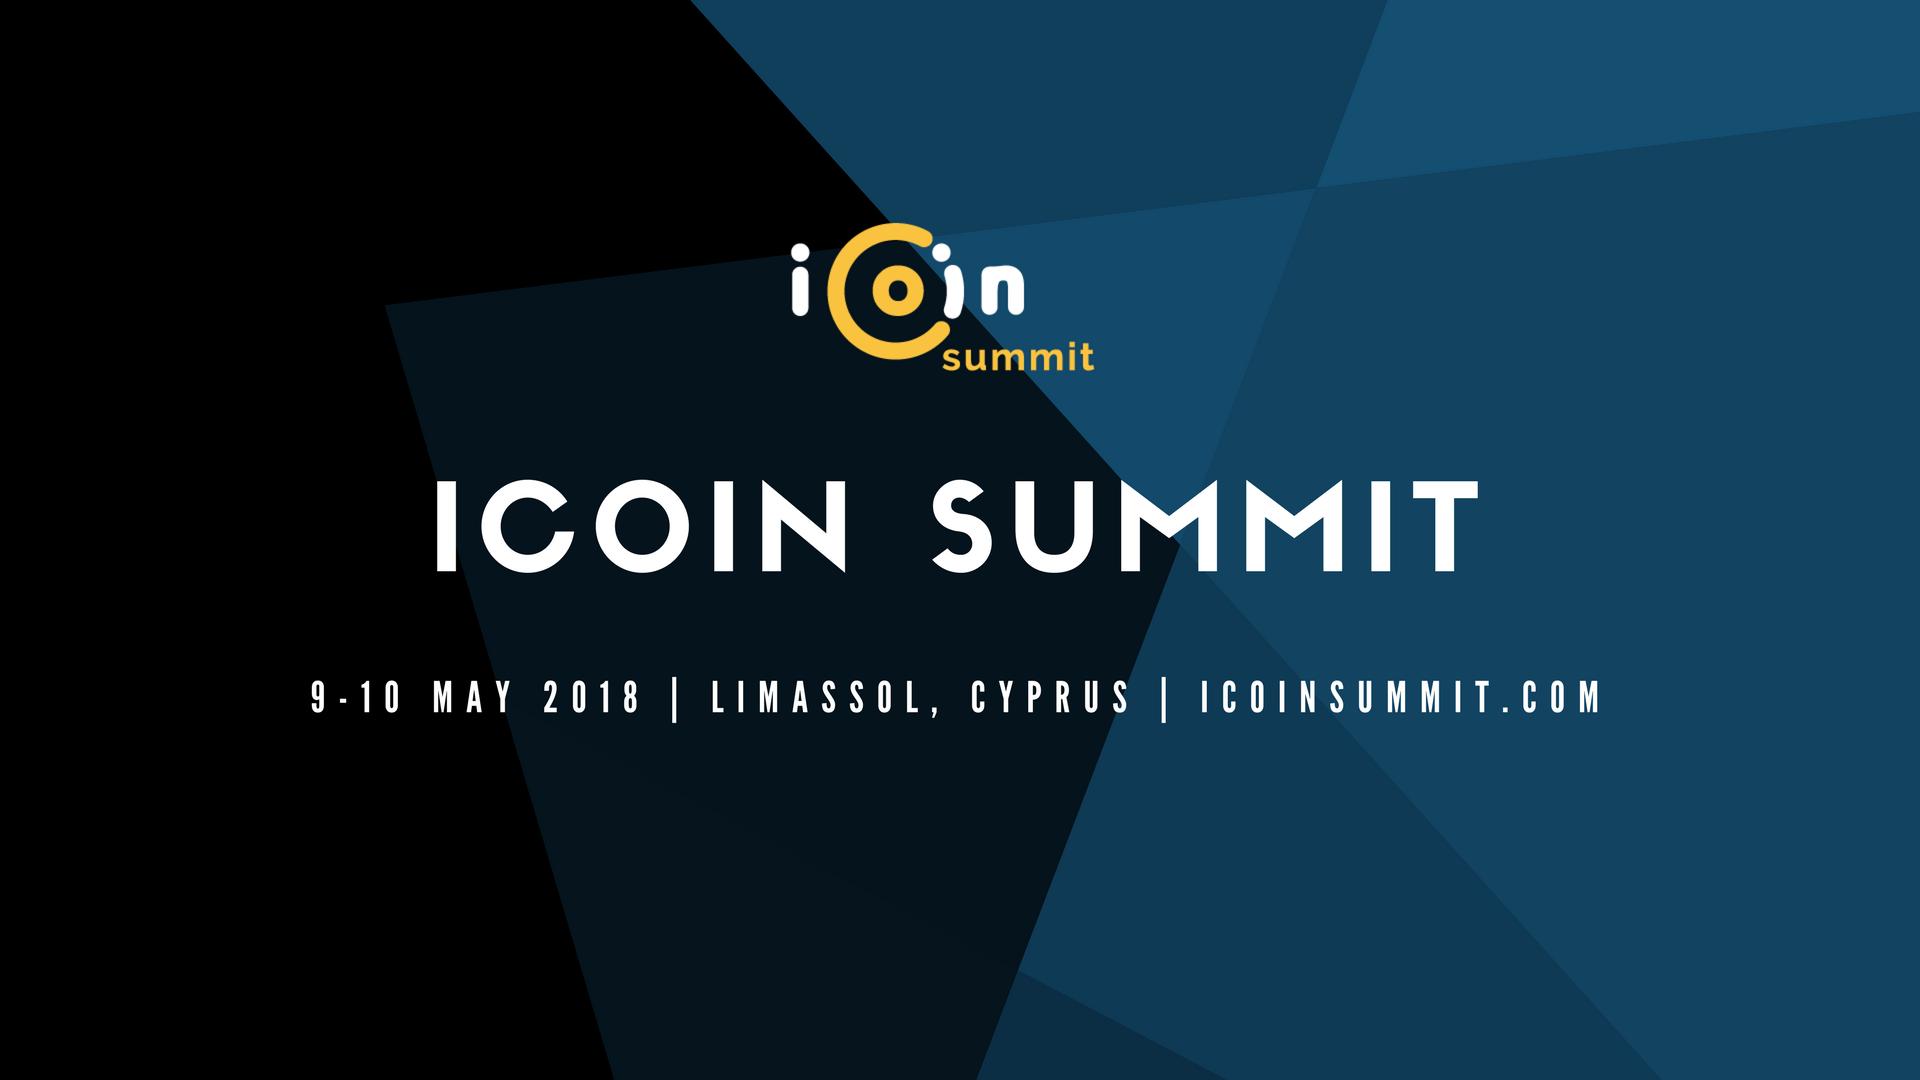 icoin summit